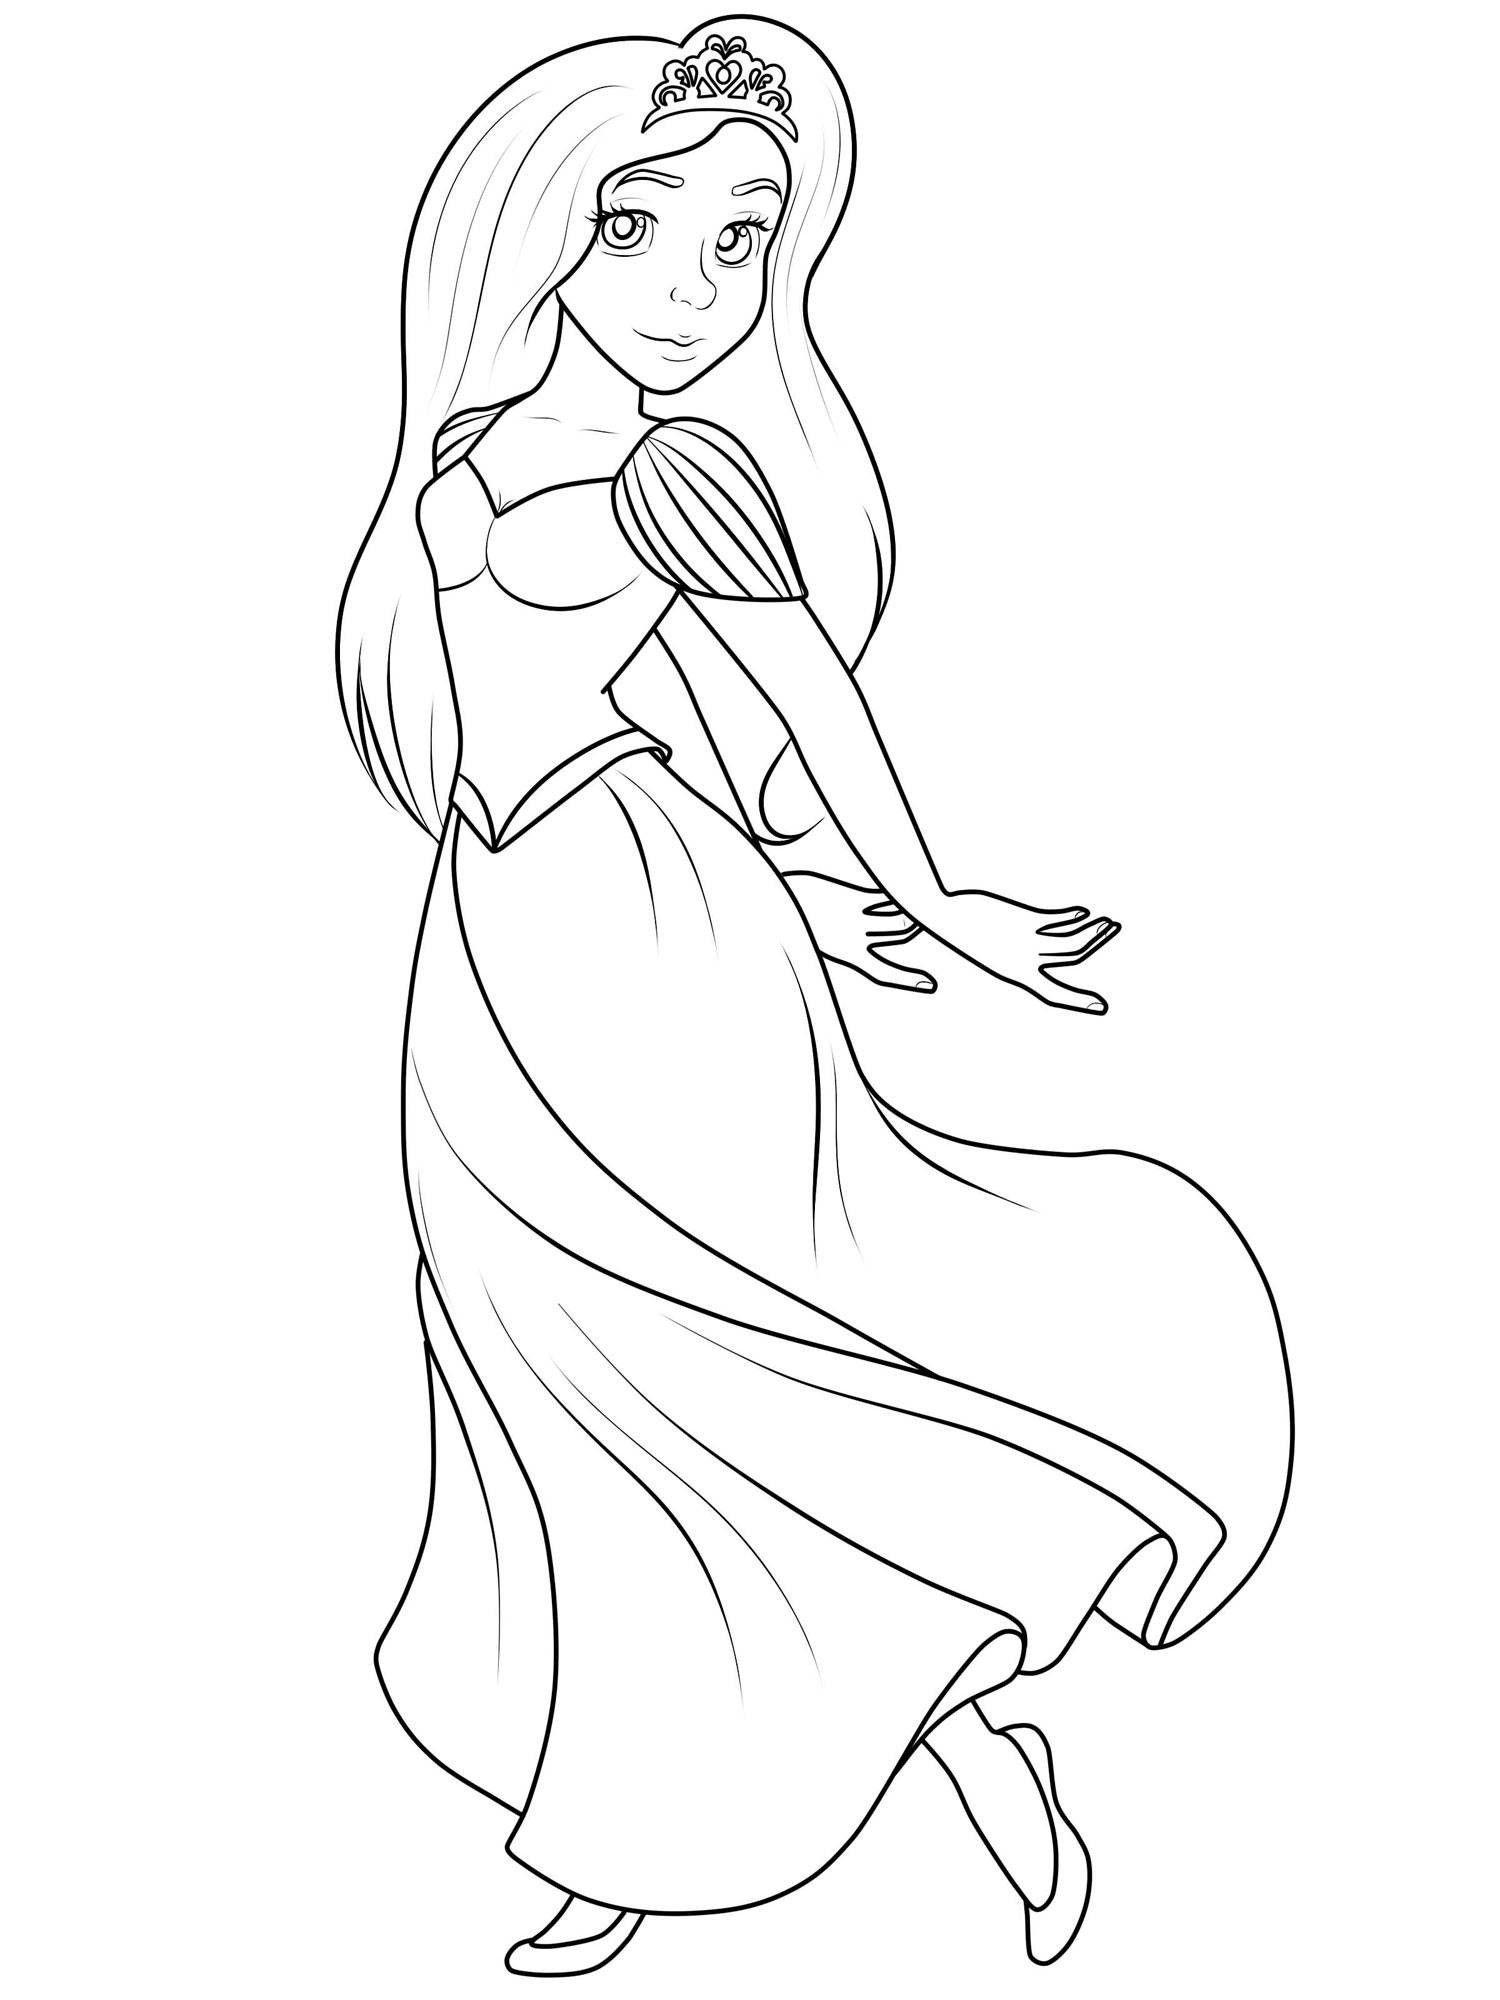 Wunderbar Princess Malvorlagen Drucken Zeitgenossisch Malvorlagen Ideen Decentexposure Info Malvorlagen Malvorlage Prinzessin Prinzessin